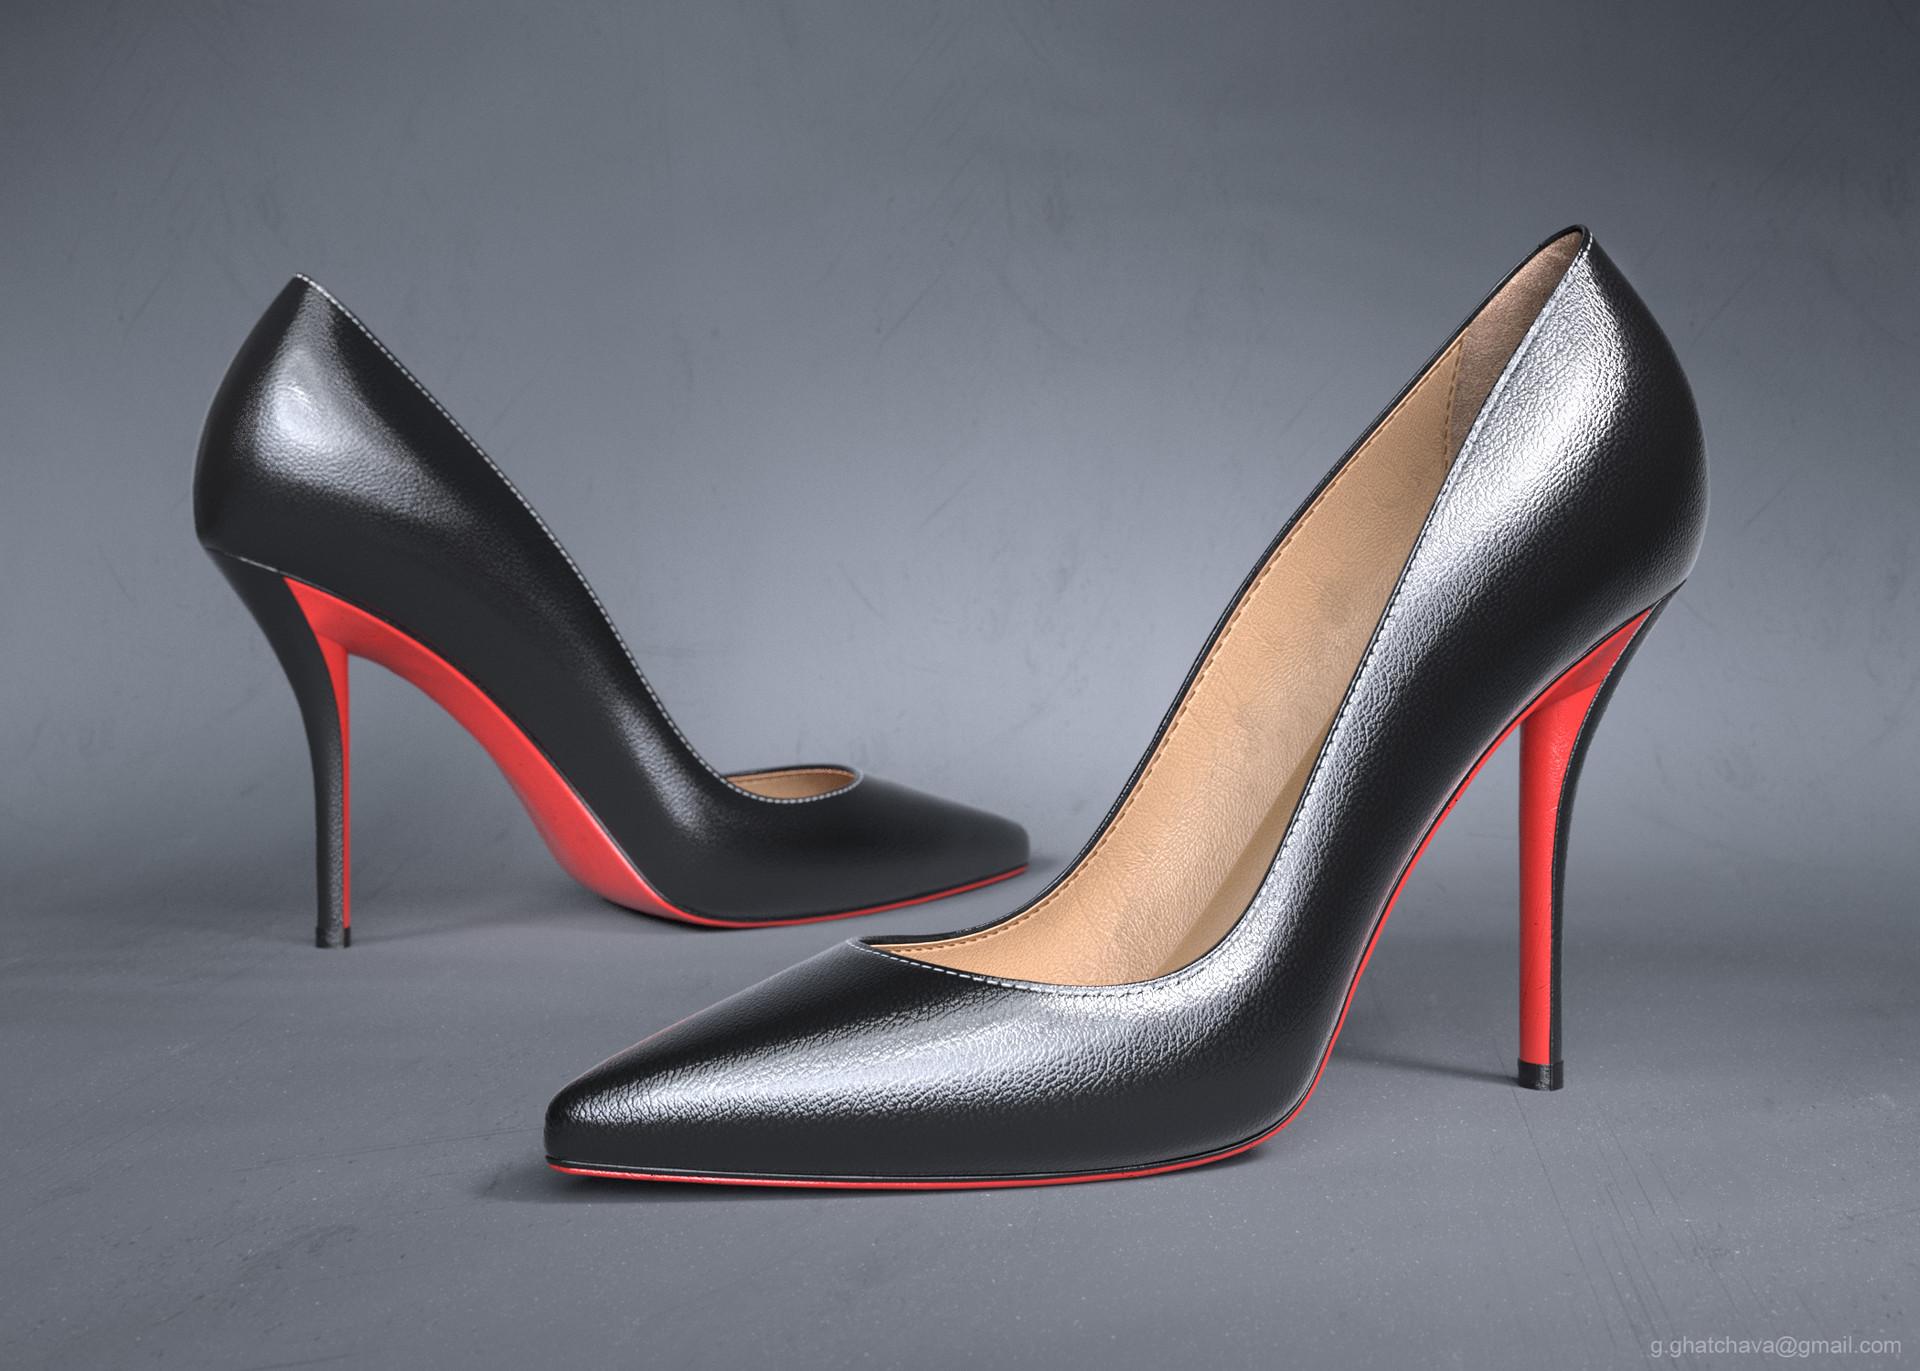 ArtStation Shoe for Women, Gabo Gatchava